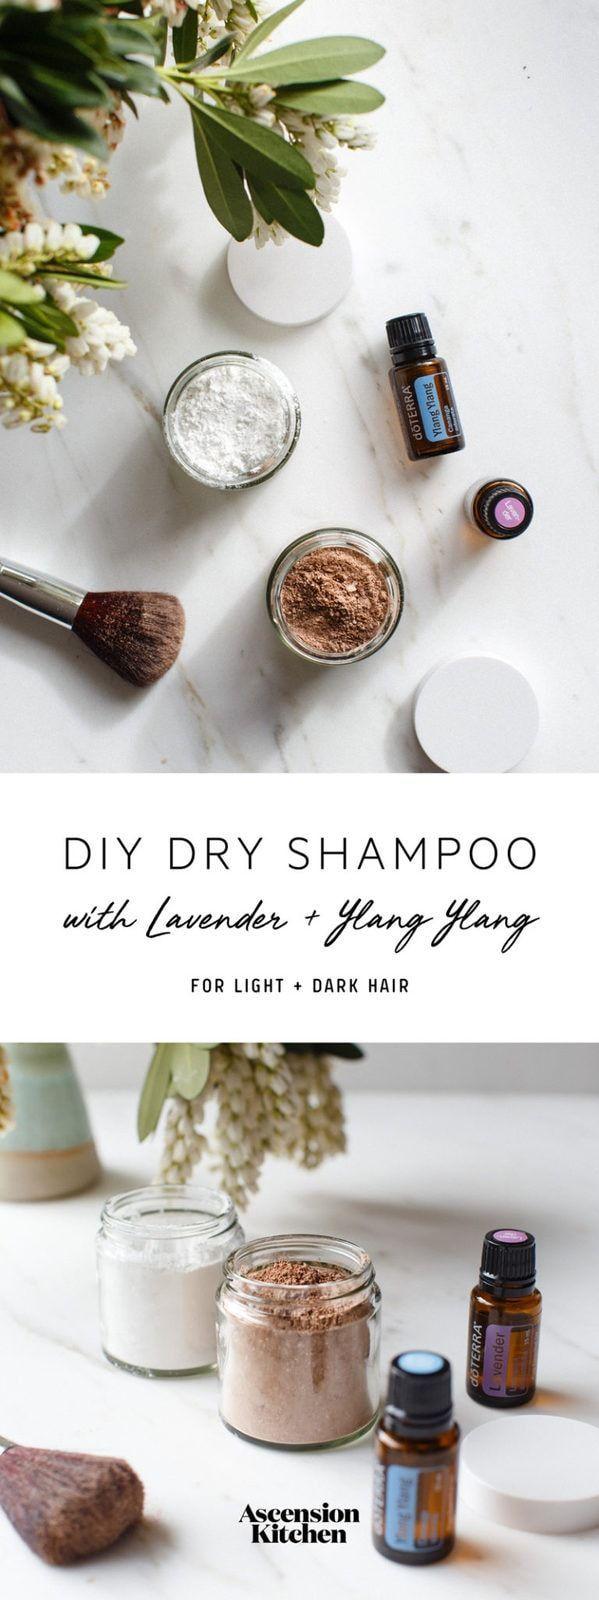 Diy Dry Shampoo With Lavender Ylang Ylang Diy Dry Shampoo Dry Shampoo Essential Oils For Hair